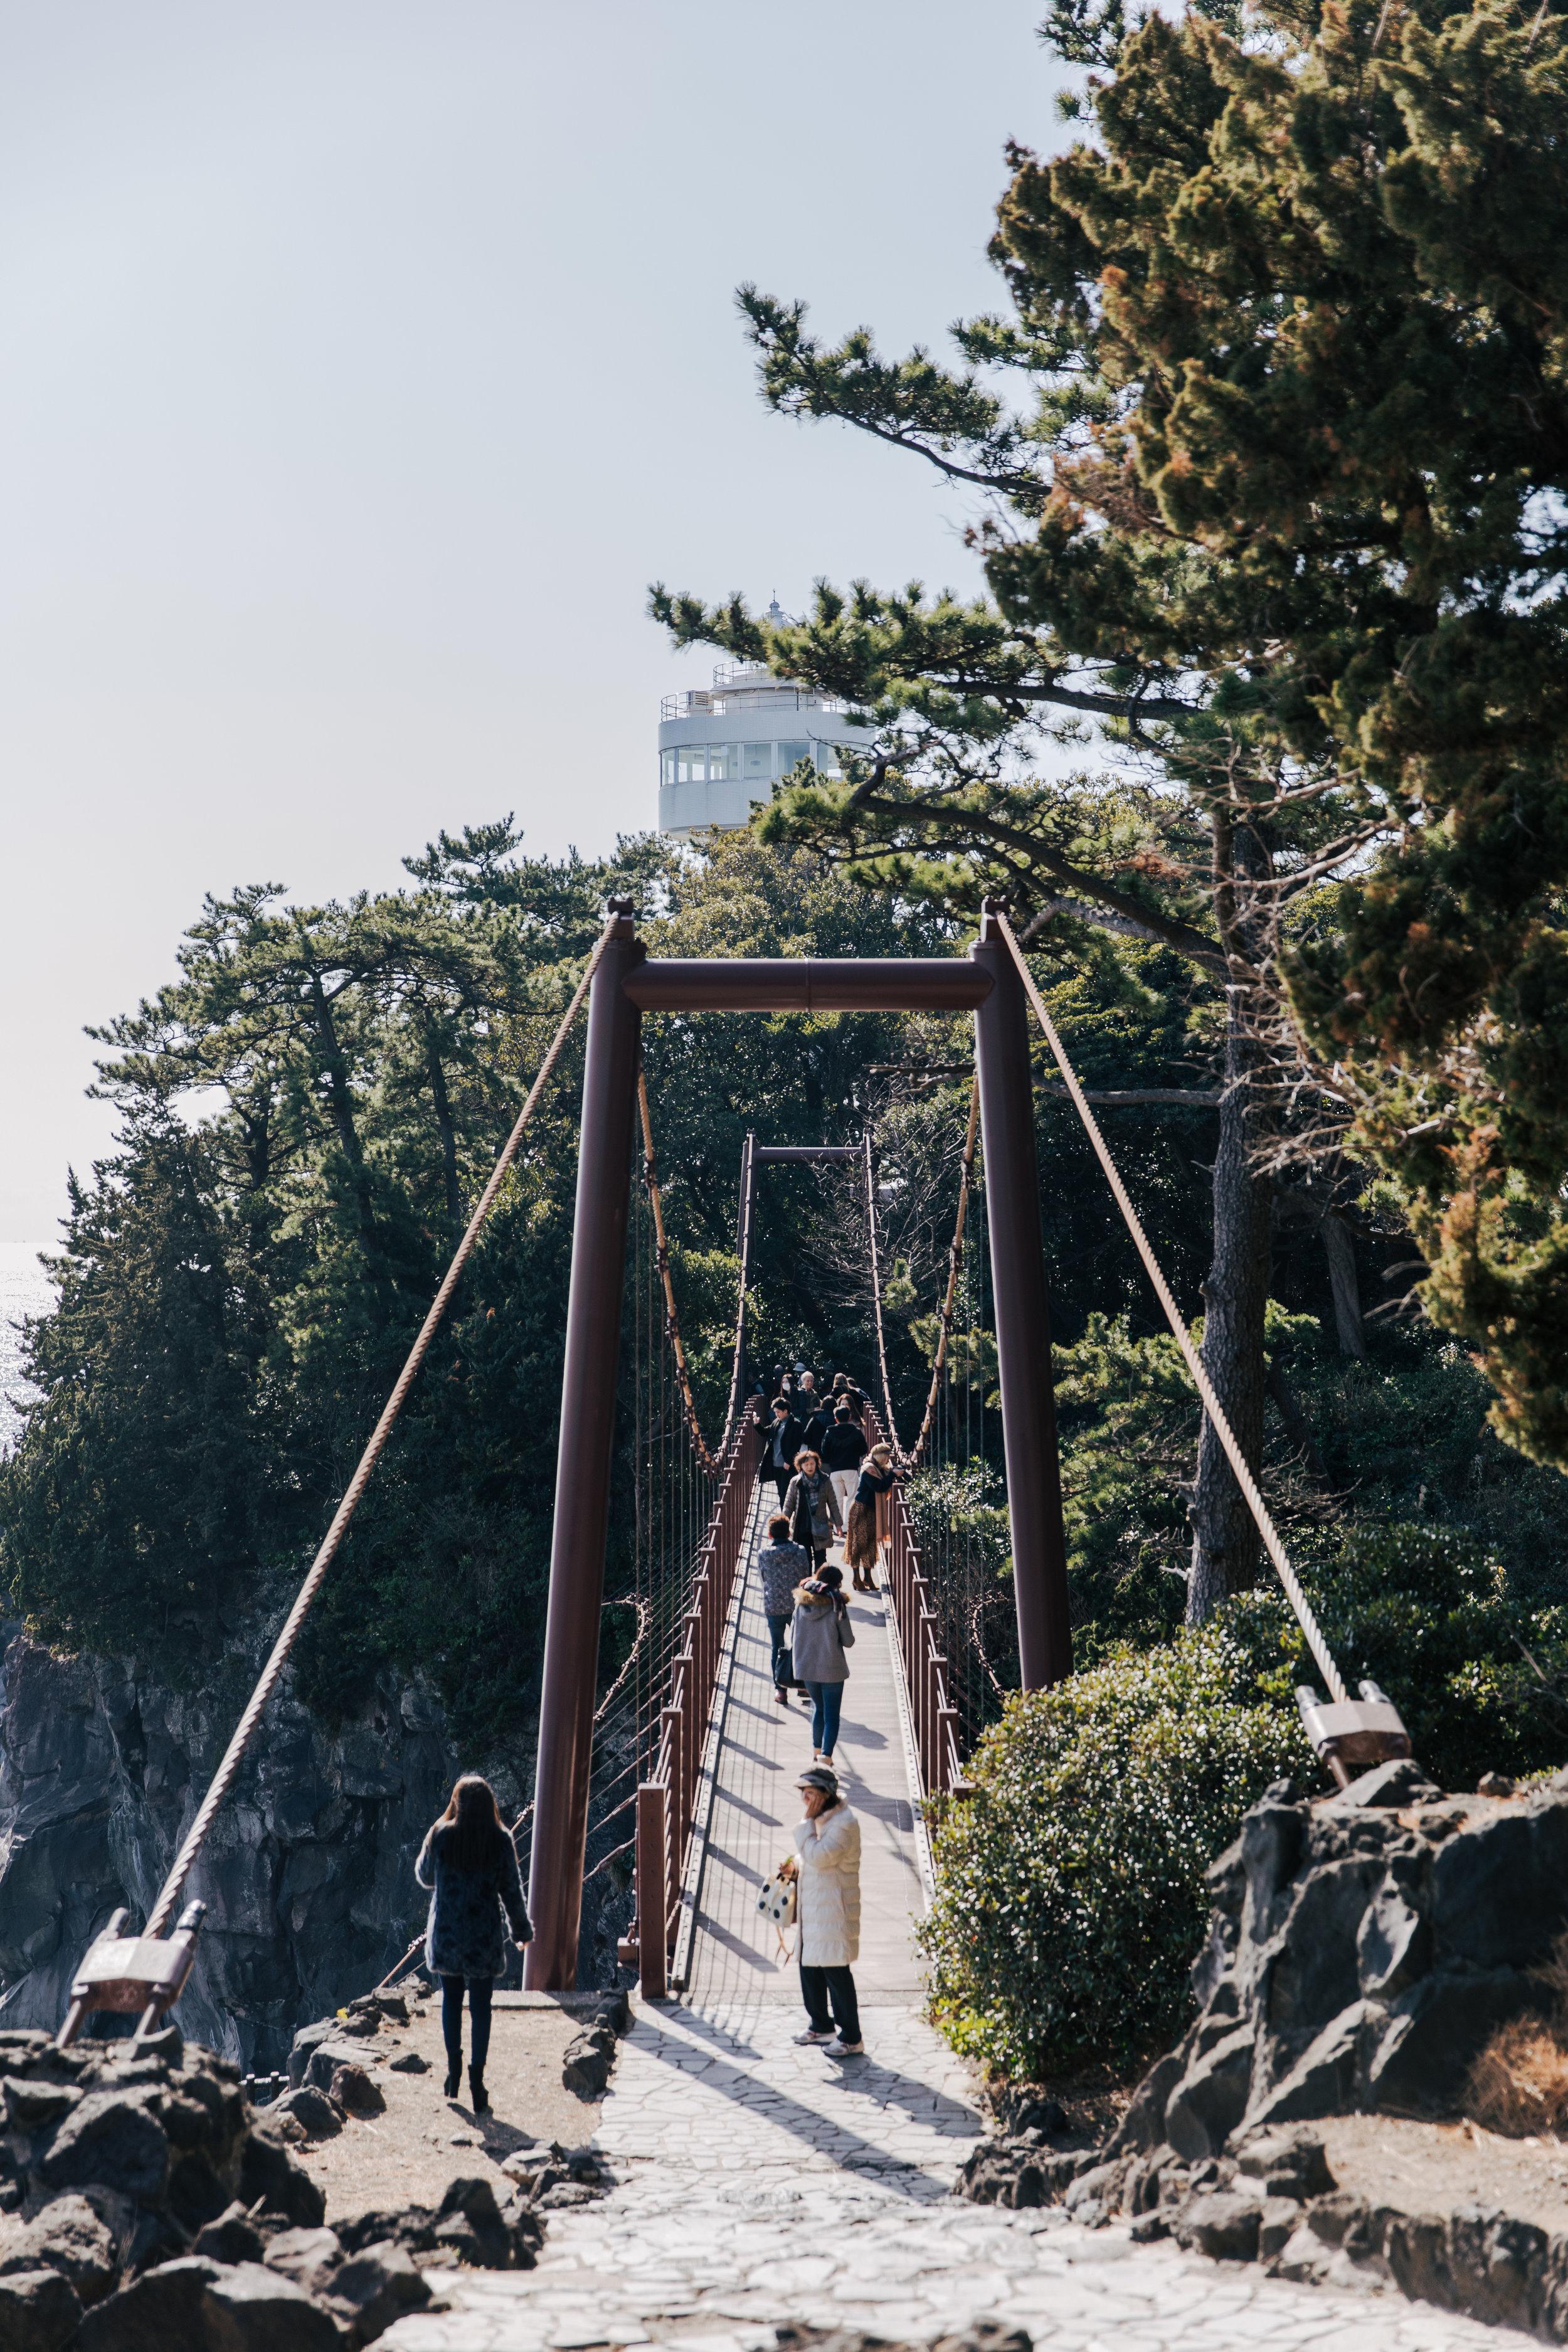 Kadowakizaki Suspension Bridge